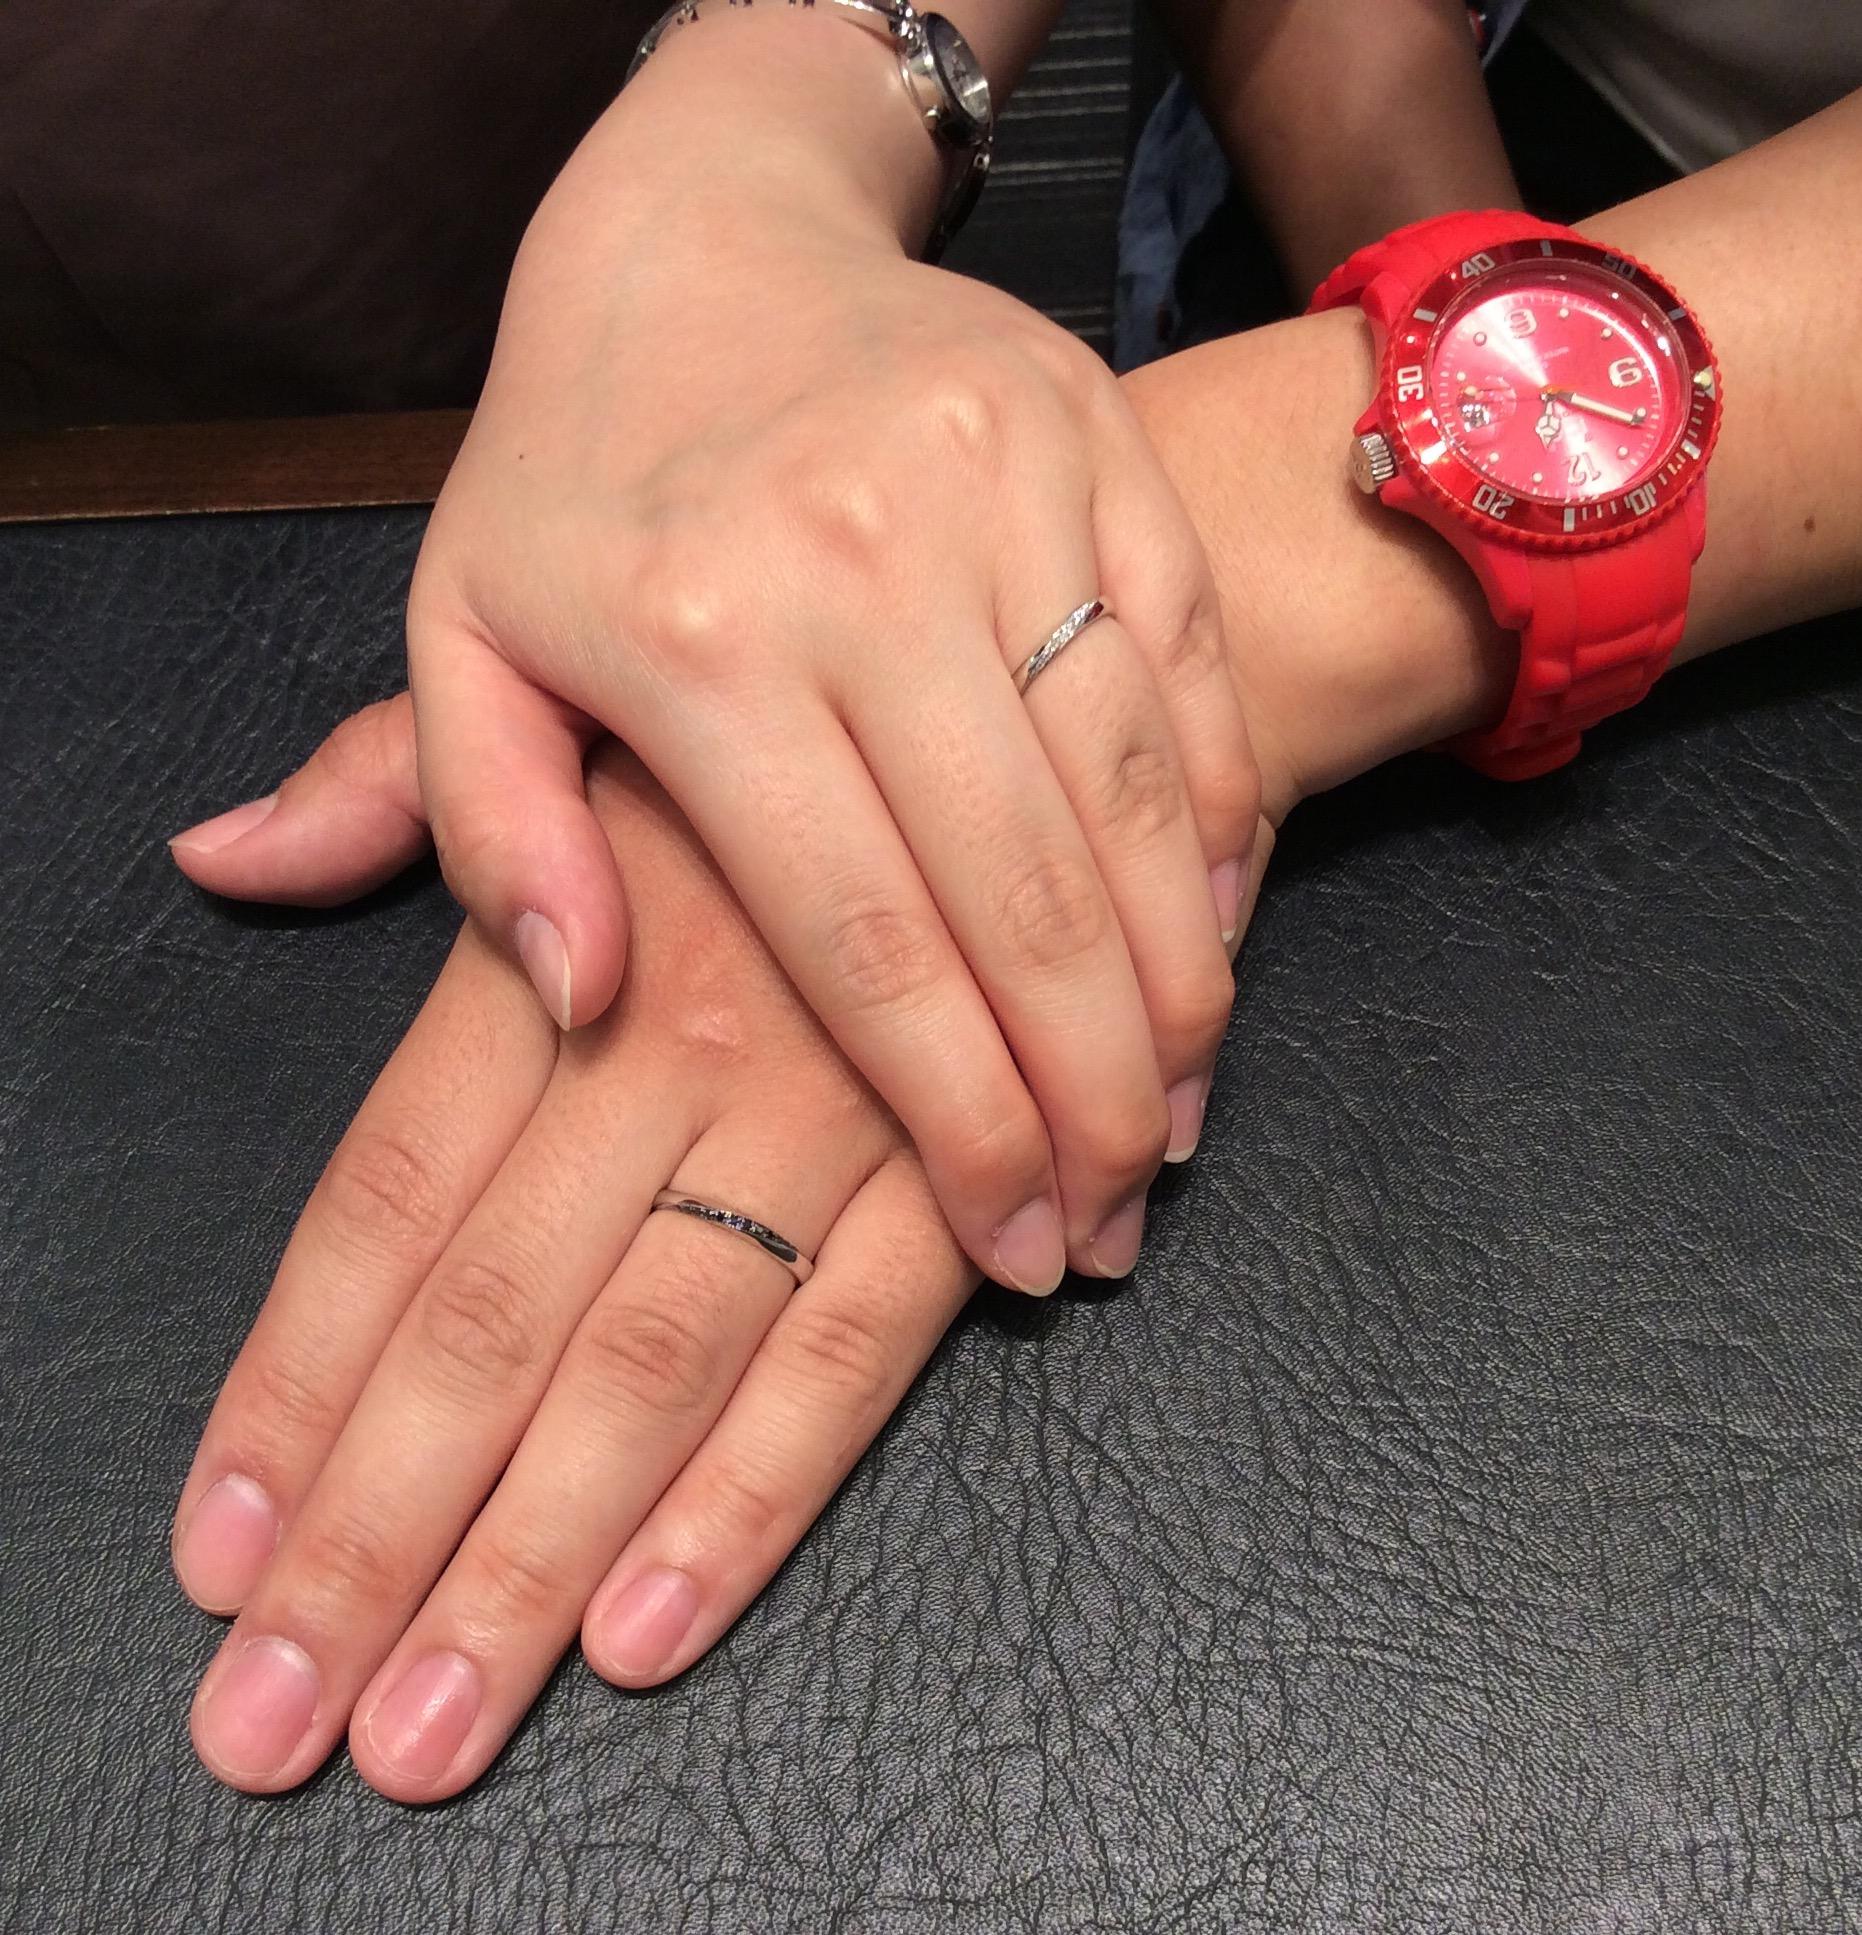 ビビッときた!結婚指輪💕Ponte Vecchio「リンコントロ」(長岡市/T様ご夫婦様)